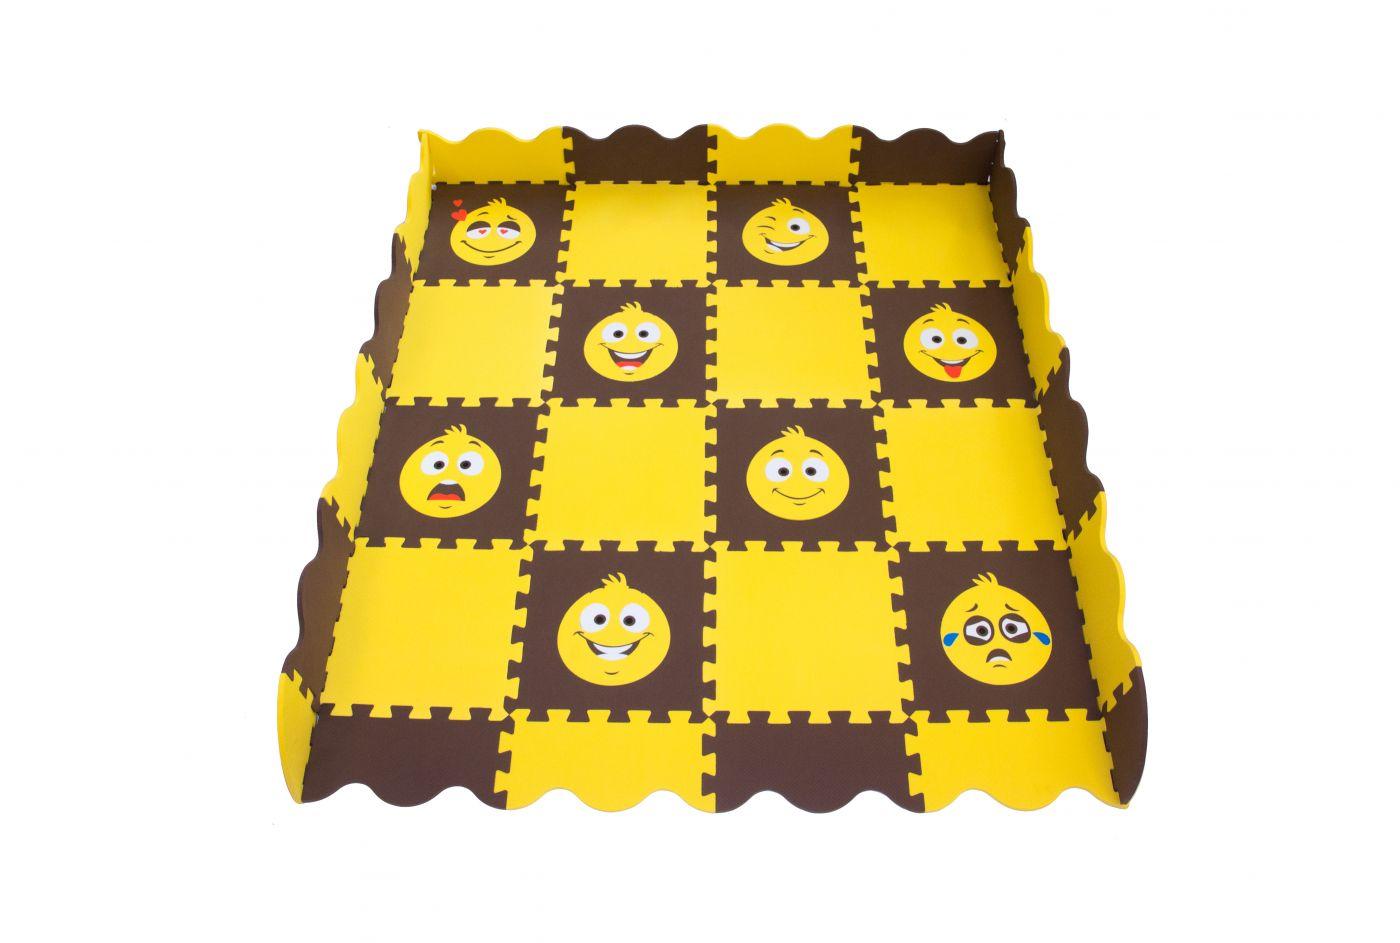 Игровой коврик пазл детский «СМАЙЛИКИ» (желто-коричневый)